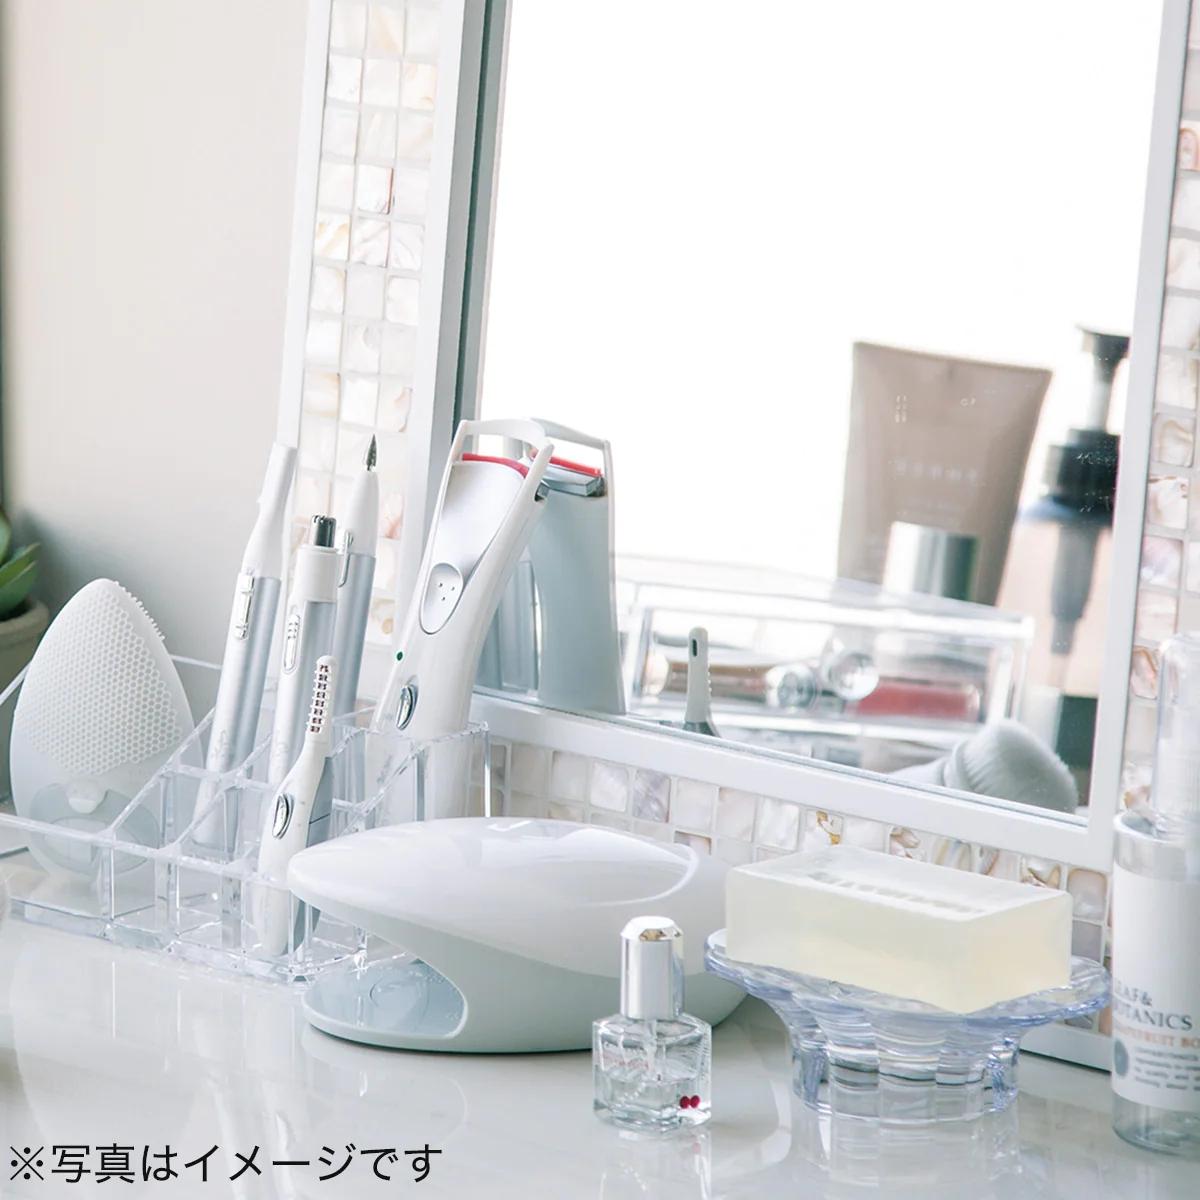 NITORI(ニトリ) ホットアイラッシュカーラー(WH&SI)の商品画像7